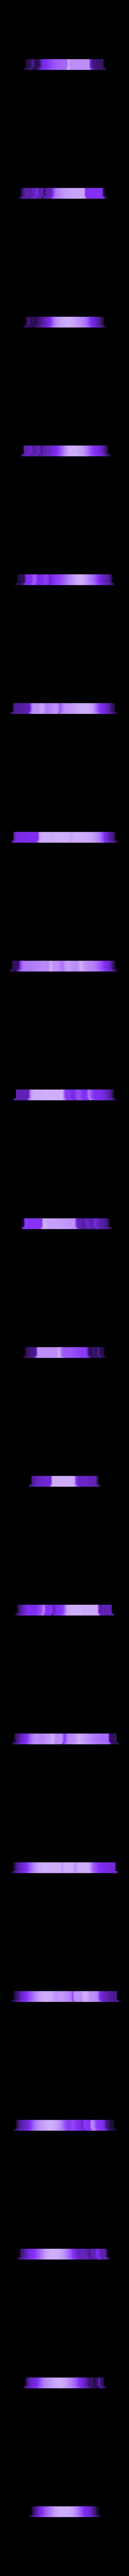 Casco Magneto.stl Télécharger fichier STL gratuit Coupe-biscuits pour casque magnétique • Objet imprimable en 3D, insua_lucas